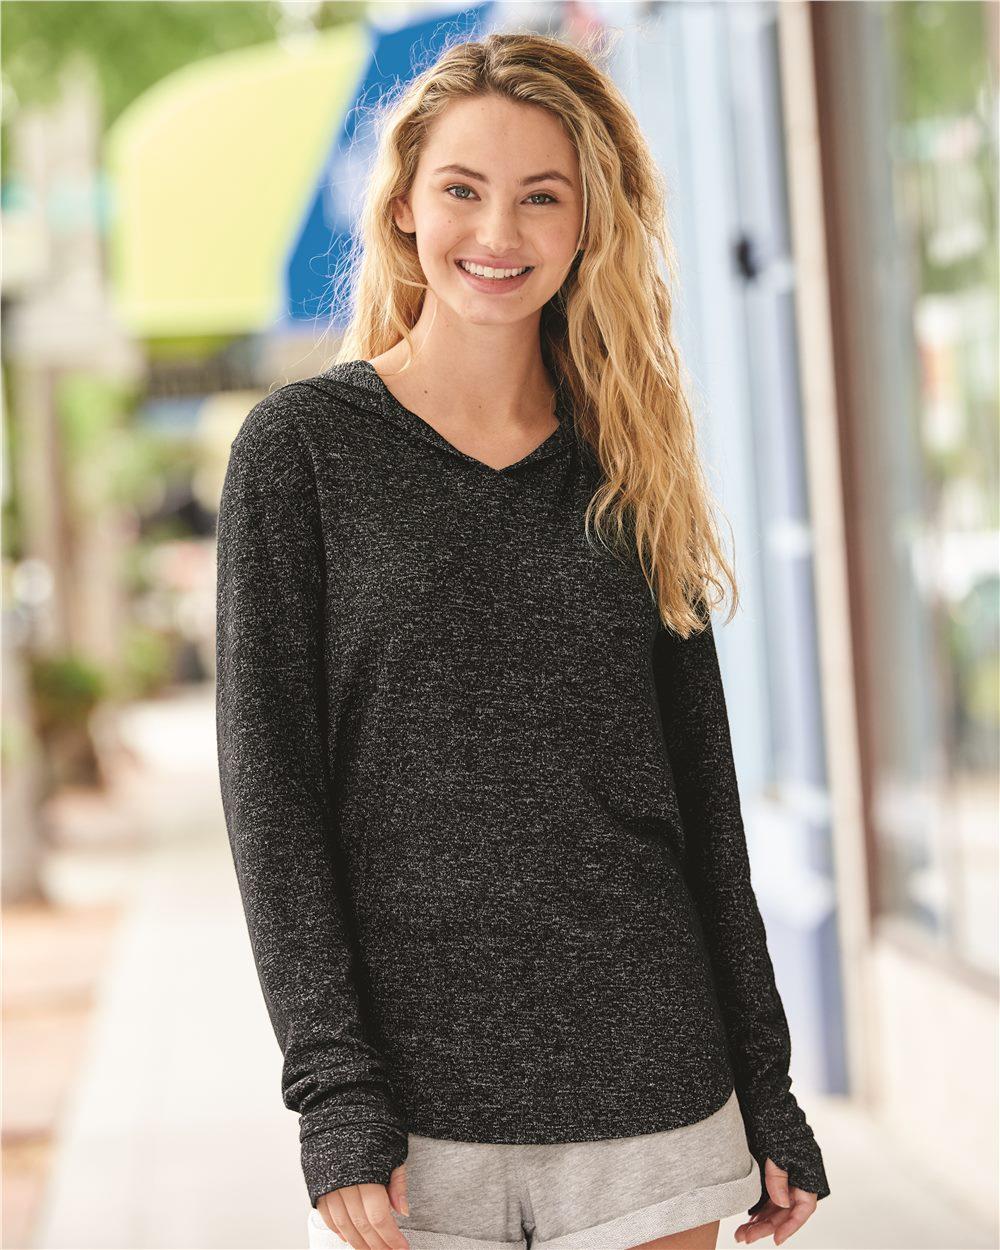 J. America 8655 - Cozy Fleece Women's Hooded Pullover